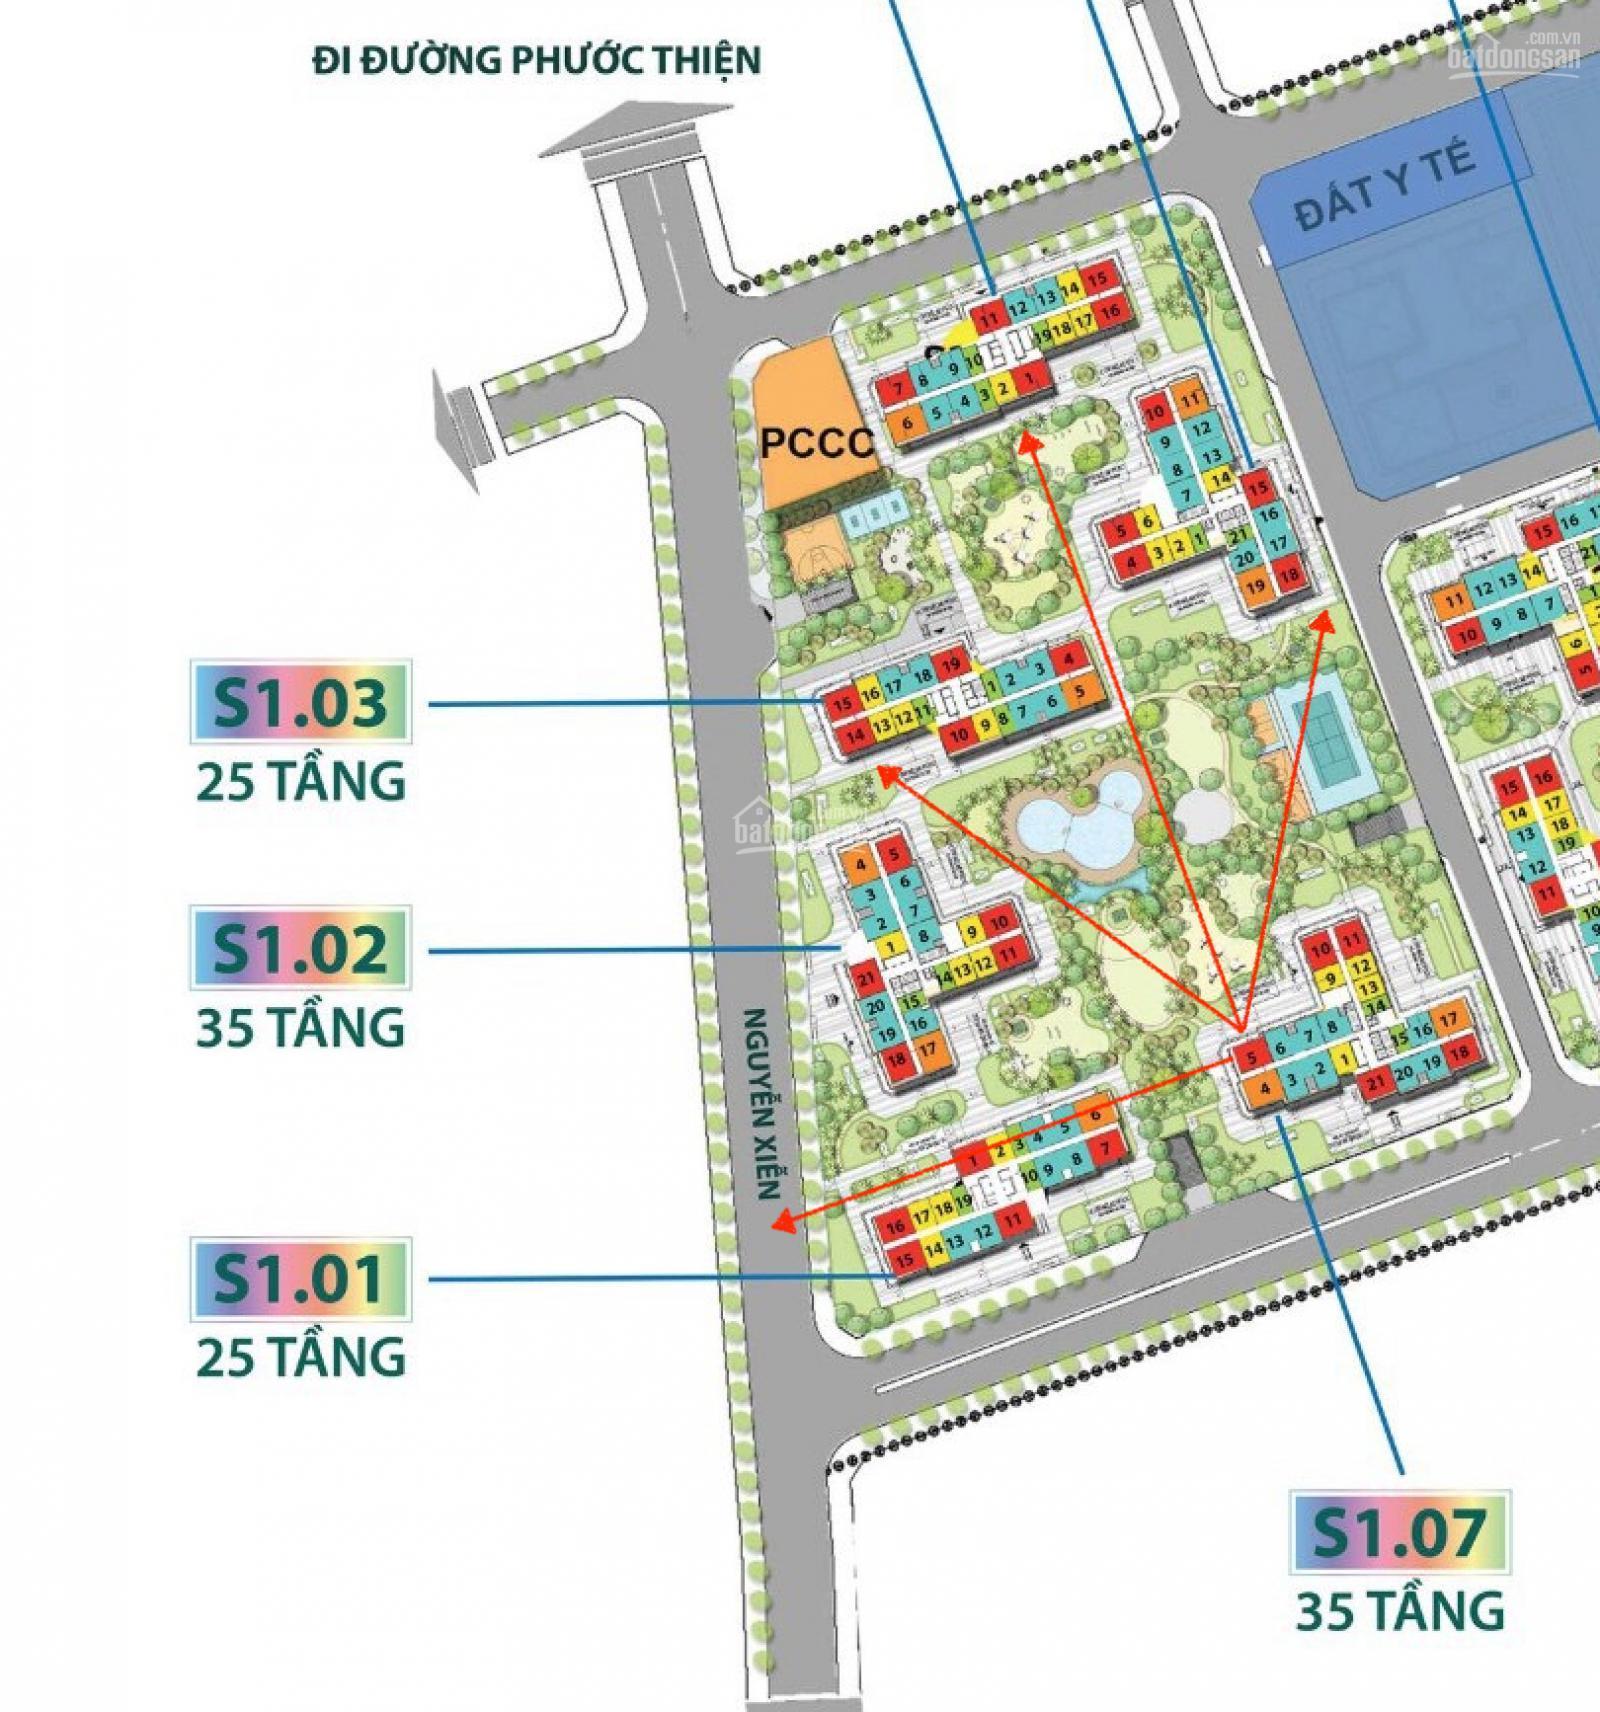 cho thuê căn hộ S1.03 Vinhomes Grand Park